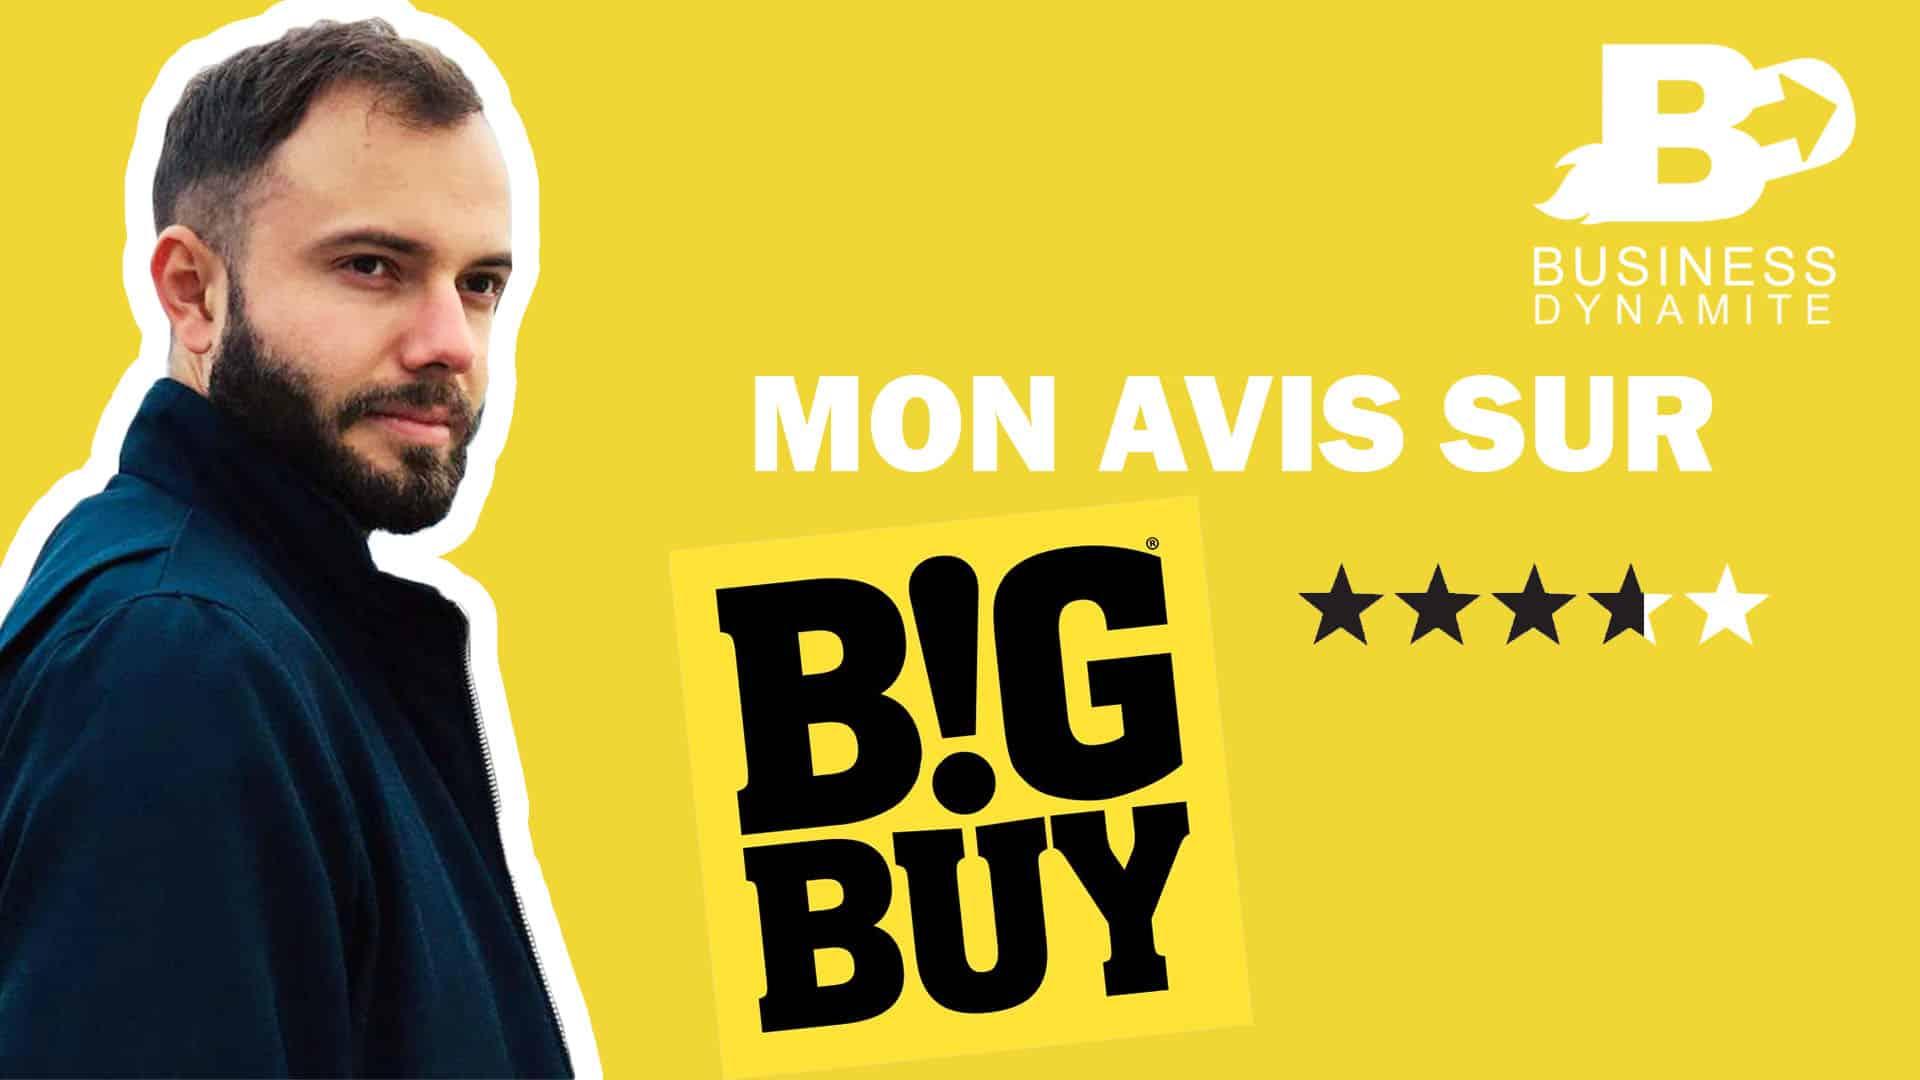 Le logo de bigbuy avec son catalogue et un formateur de dropshipping qui donne son avis sur un fond jaune.